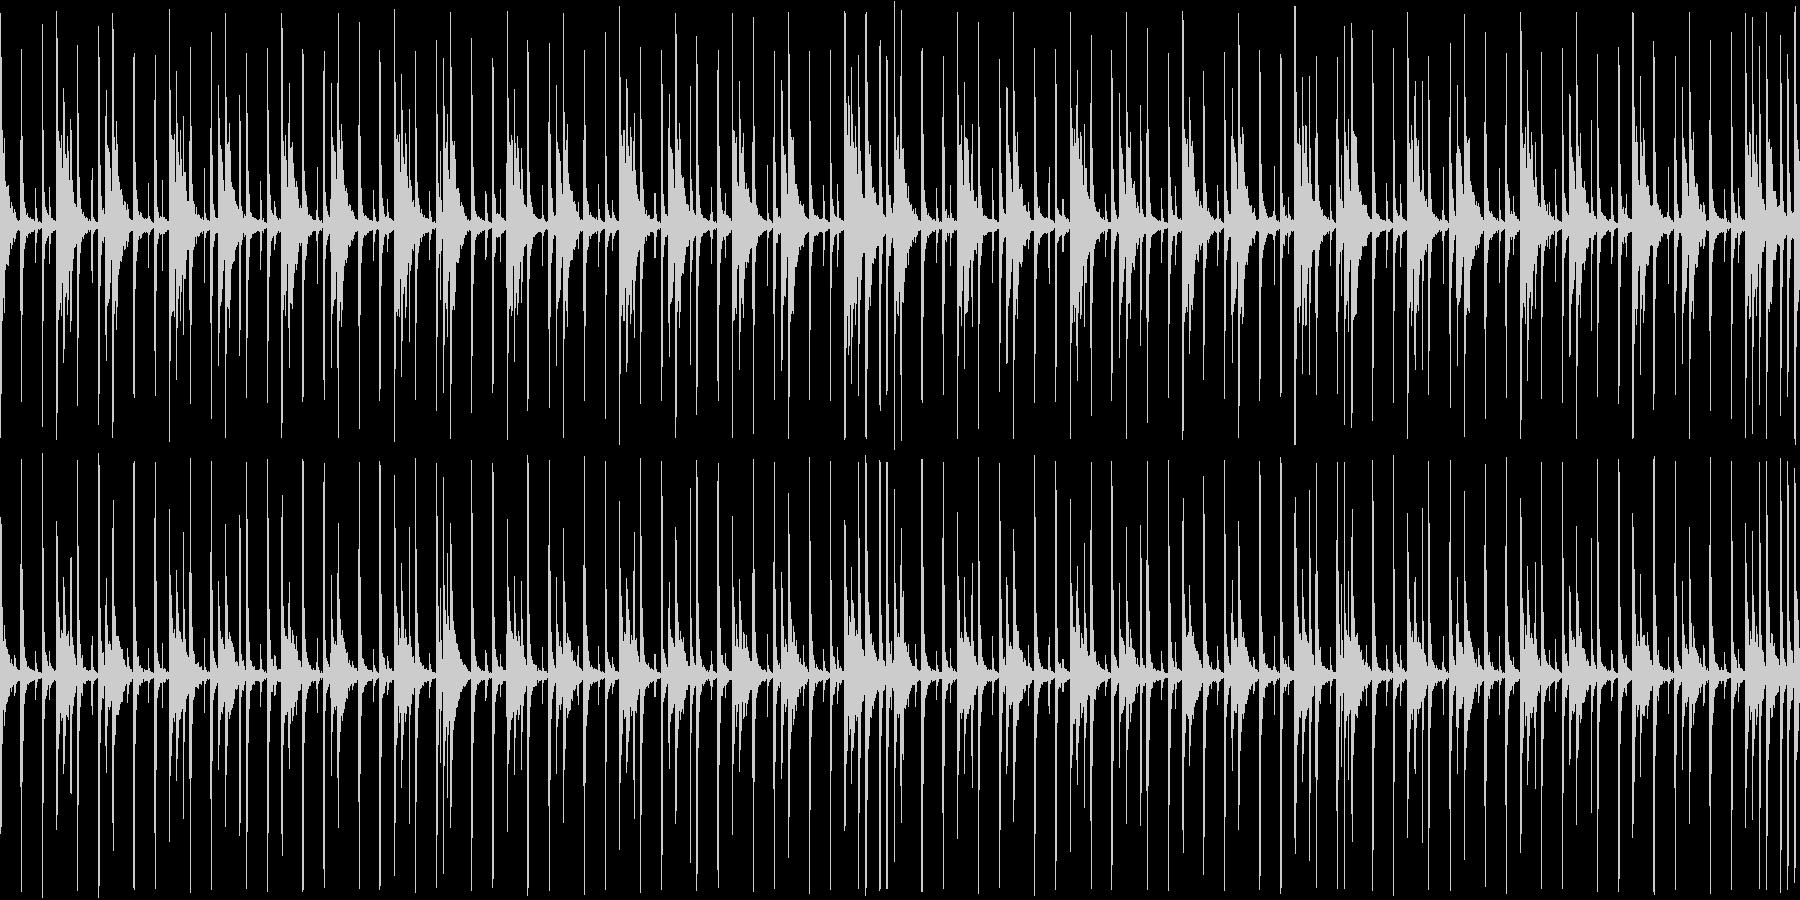 インドパーカッション スローの未再生の波形